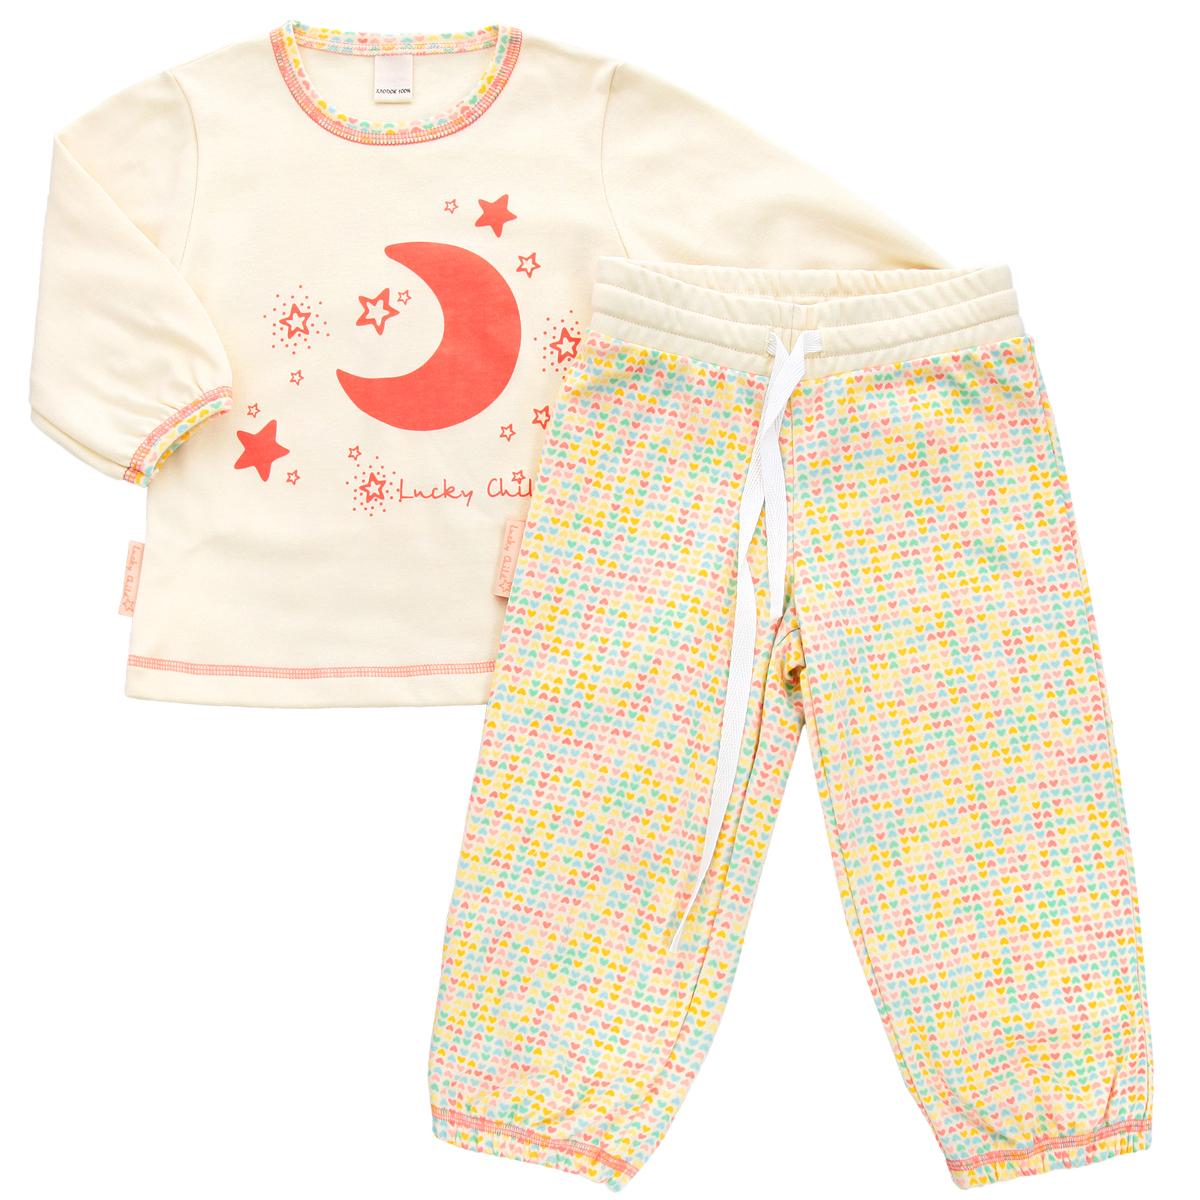 Пижама для девочки Lucky Child, цвет: кремовый, желтый, оранжевый. 12-400. Размер 80/8612-400Очаровательная пижама для девочки Lucky Child, состоящая из футболки с длинным рукавом и брюк, идеально подойдет вашей дочурке и станет отличным дополнением к детскому гардеробу. Изготовленная из натурального хлопка - интерлока, она необычайно мягкая и приятная на ощупь, не раздражает нежную кожу ребенка и хорошо вентилируется, а эластичные швы приятны телу и не препятствуют его движениям.Футболка трапециевидного кроя с длинными рукавами и круглым вырезом горловины оформлена спереди оригинальной термоаппликацией в виде месяца, а также изображением звездочек и названием бренда. Горловина и низ рукавов оформлены принтом с мелким изображением сердечек. Низ изделия оформлен контрастной фигурной прострочкой. Брюки на талии имеют широкий эластичный пояс со шнурком, благодаря чему они не сдавливают животик ребенка и не сползают. Низ брючин присборен на эластичные резинки. Оформлены брюки принтом с мелким изображением сердечек по всей поверхности. Такая пижама идеально подойдет вашей дочурке, а мягкие полотна позволят ей комфортно чувствовать себя во время сна!